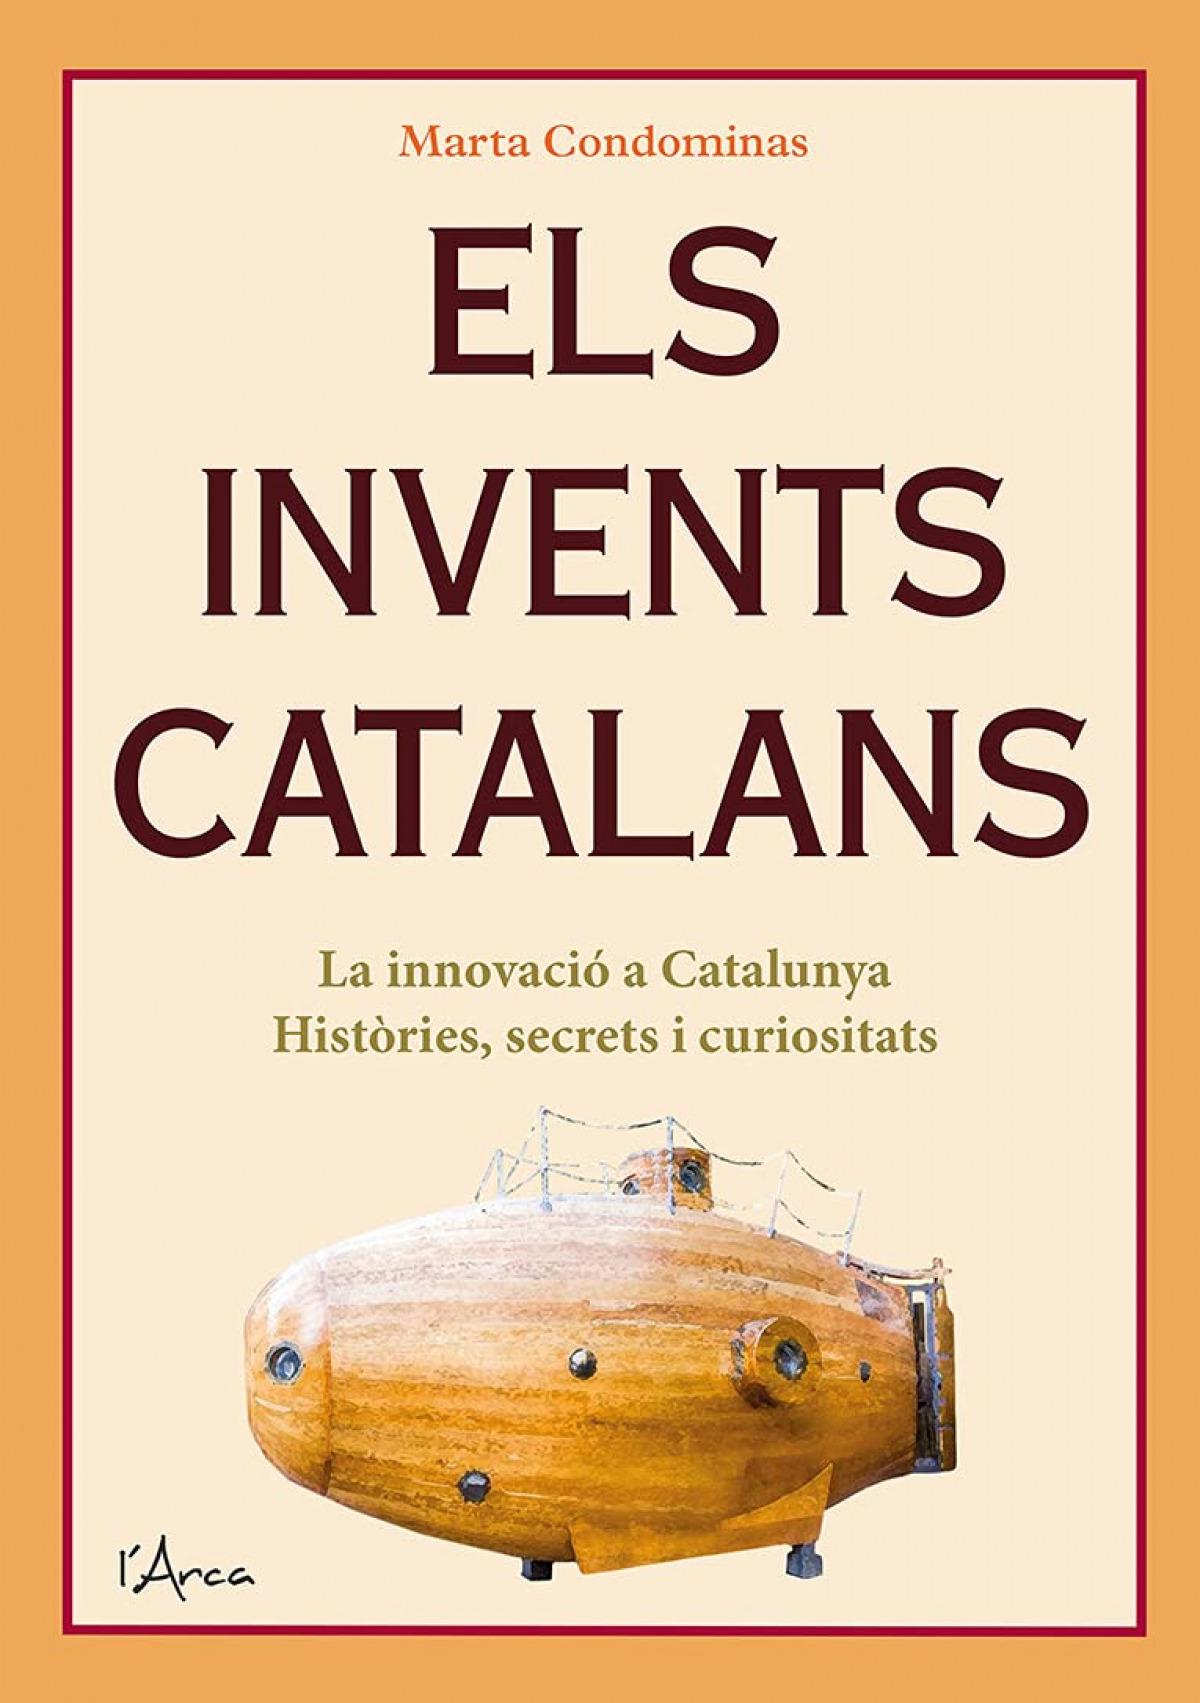 Els invents catalans